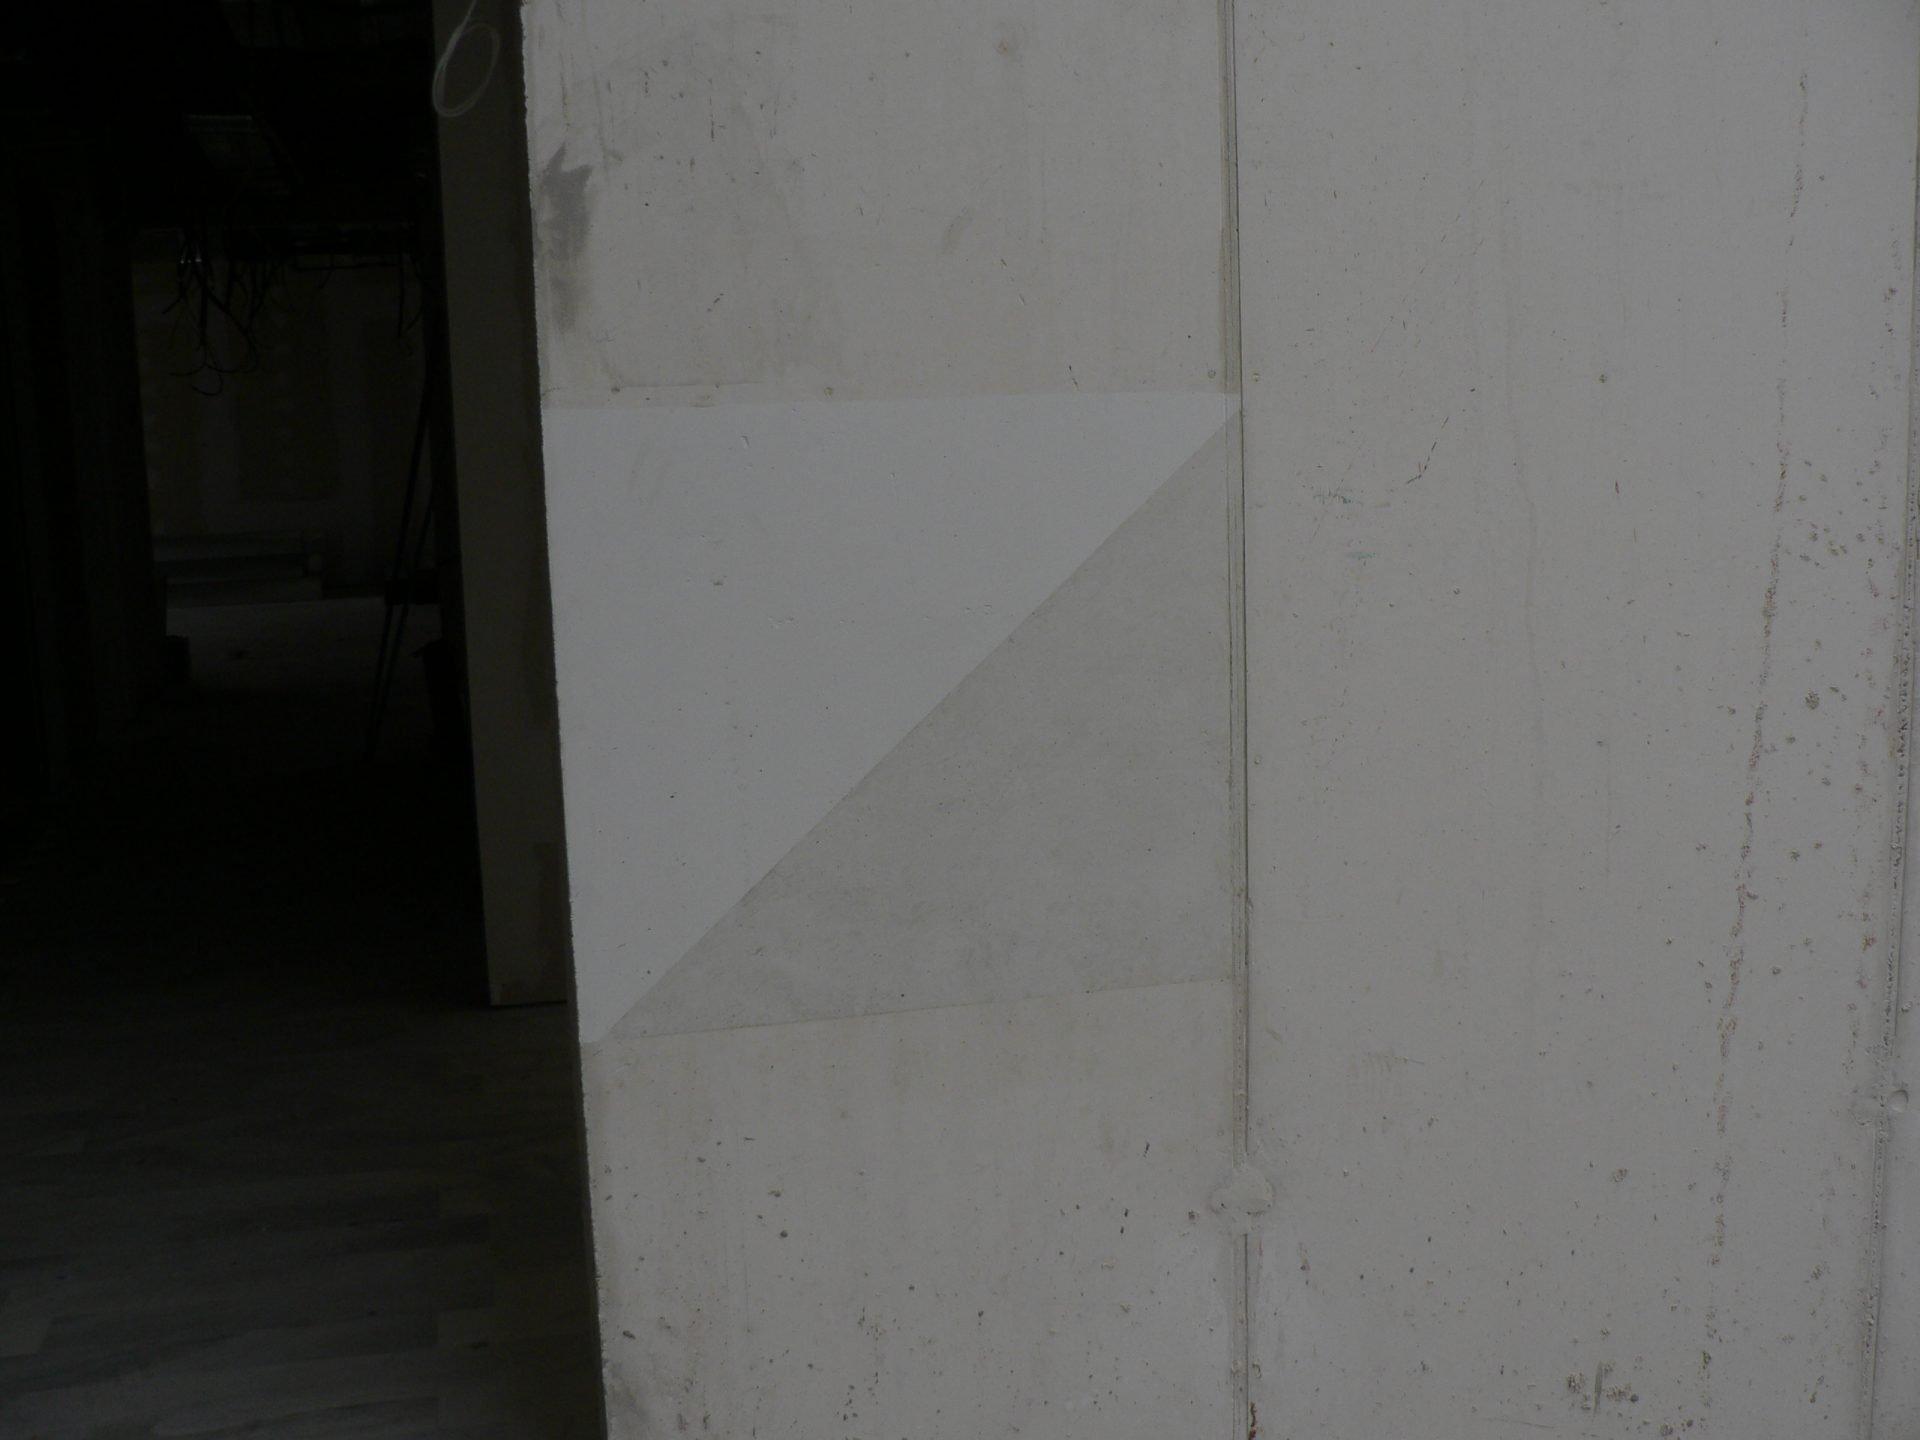 Decoloraci n y caleo en hormig n pinturas arenas - Pinturas arenas granada ...